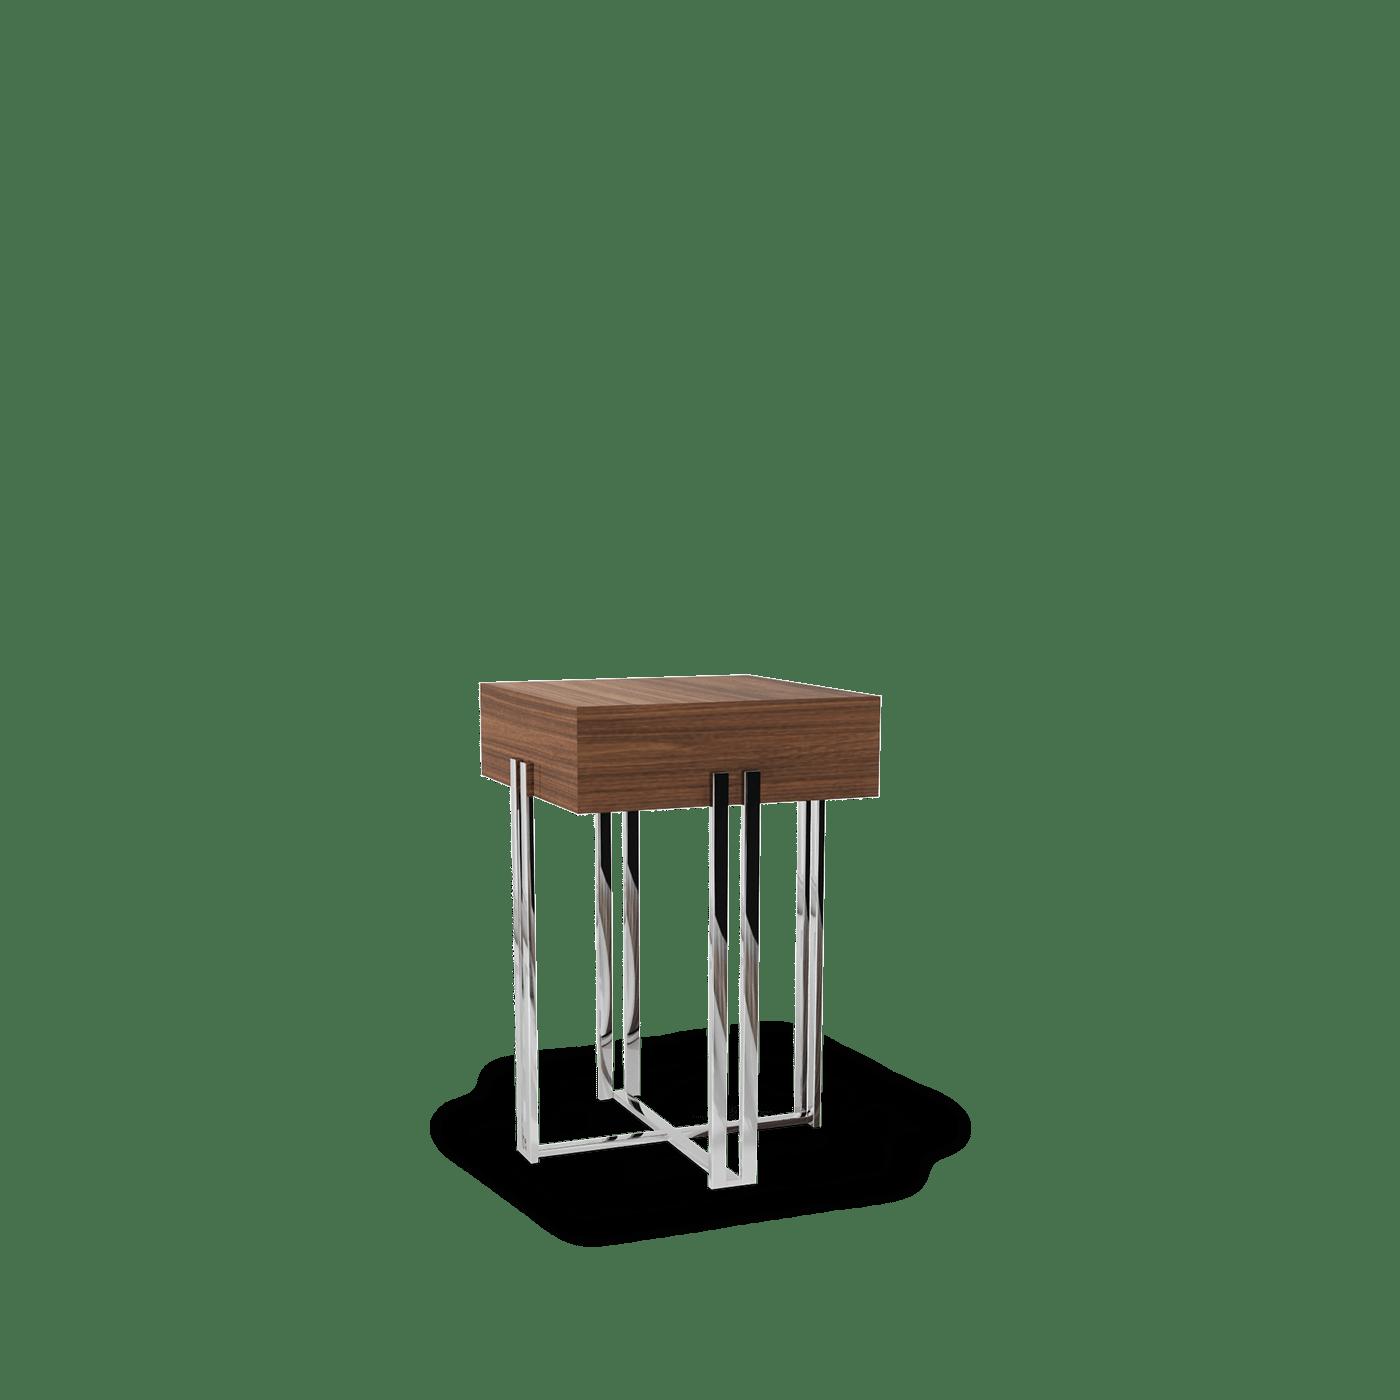 Mesa de apoio Holf